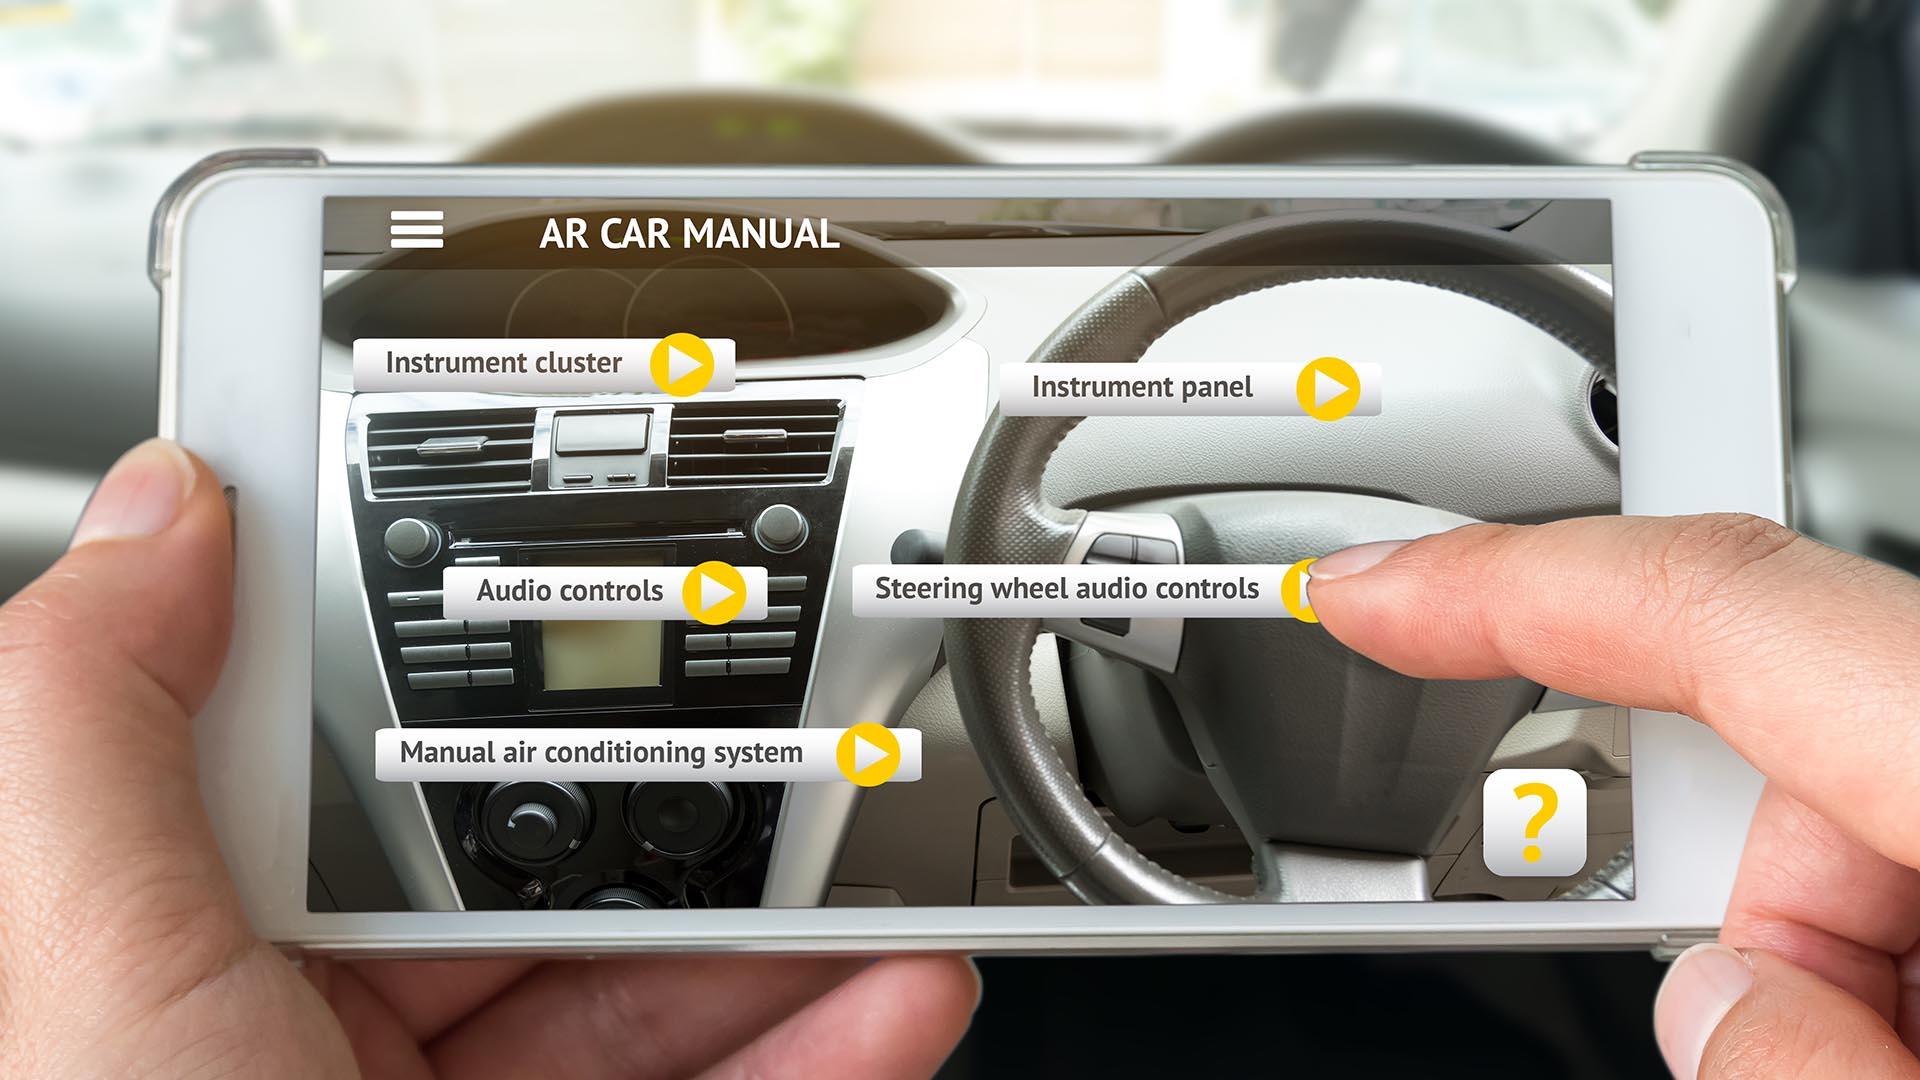 AR car manual